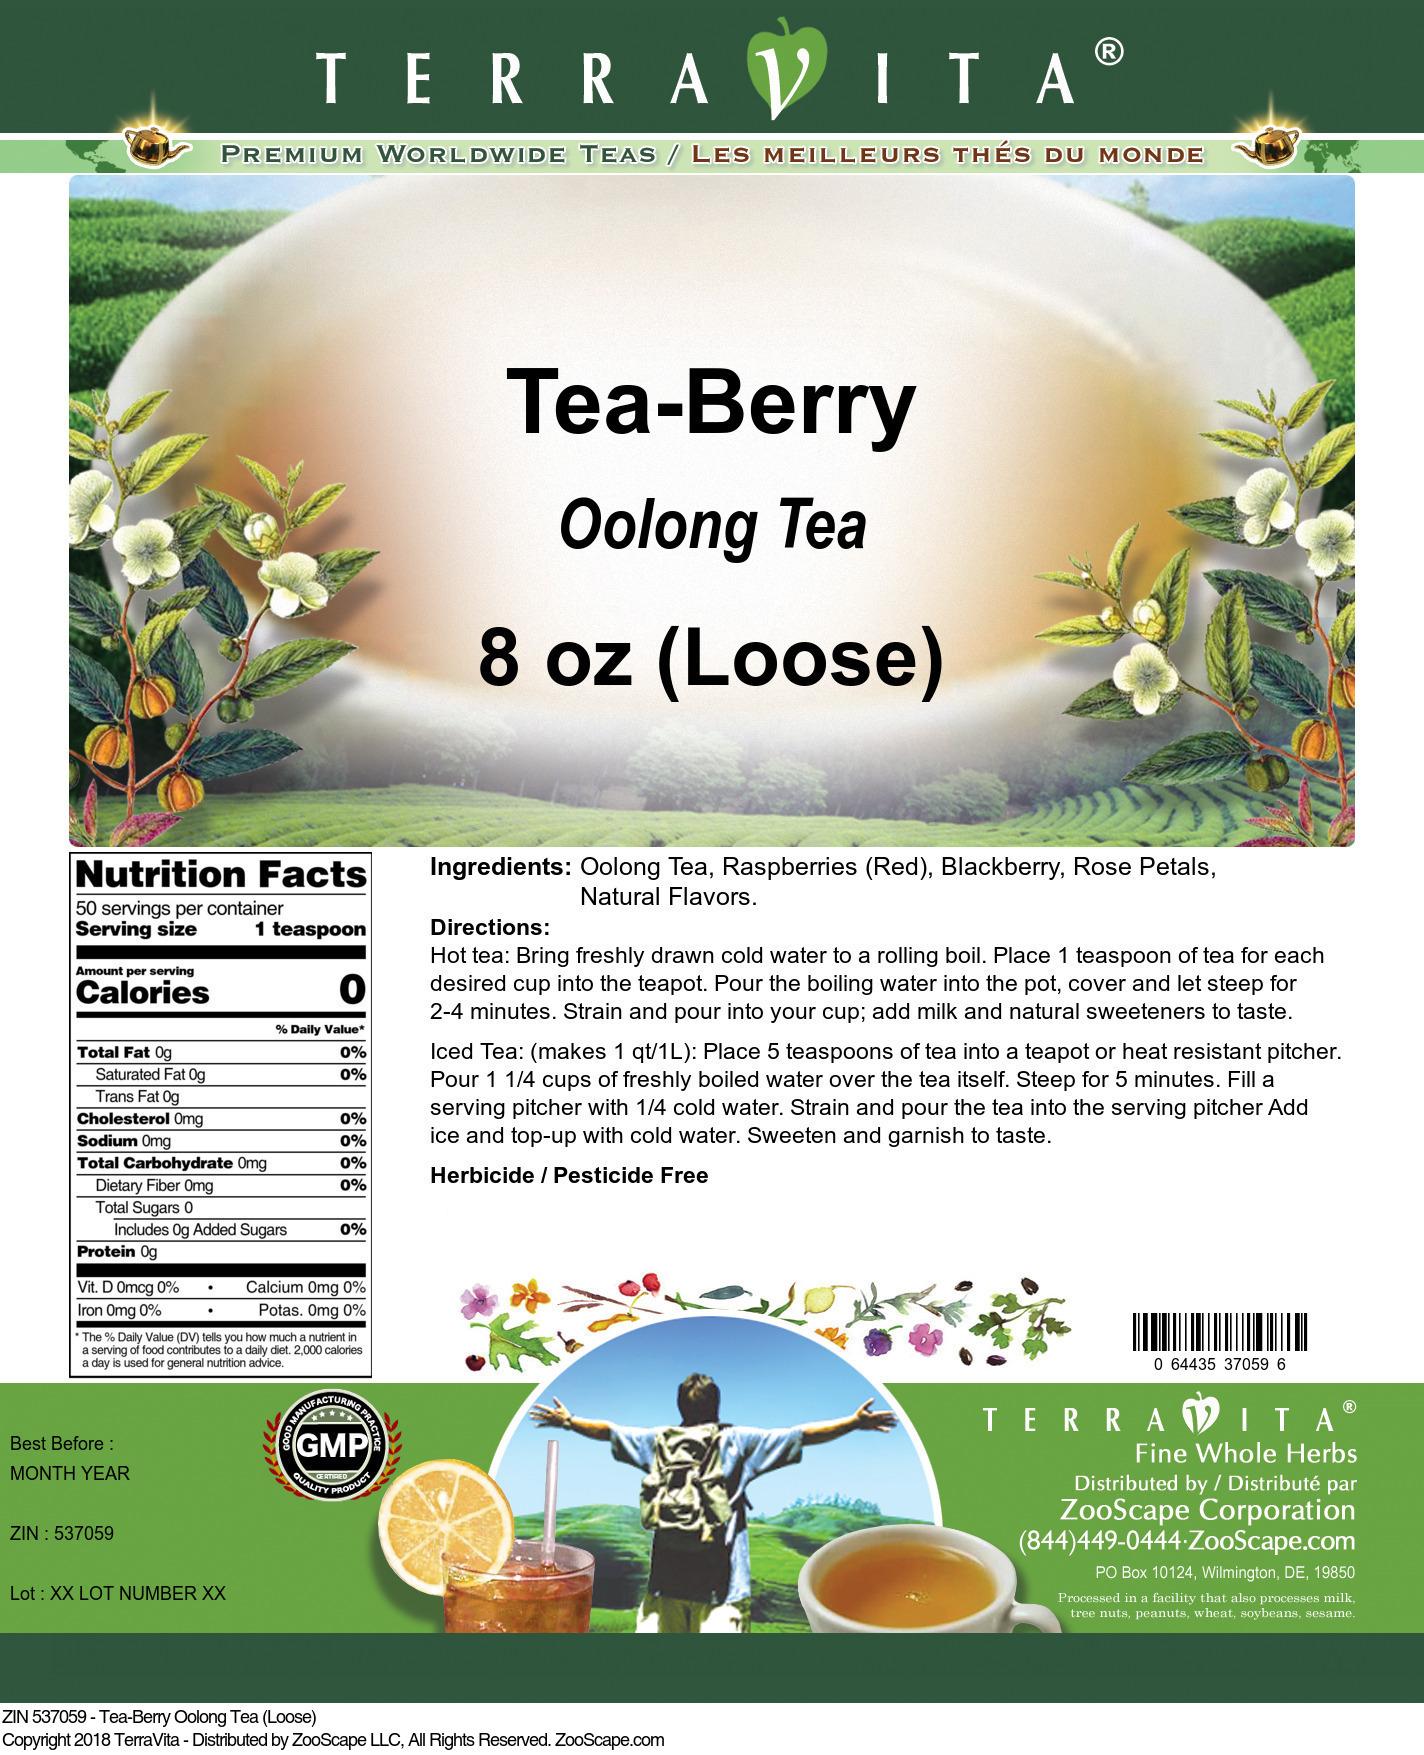 Tea-Berry Oolong Tea (Loose)